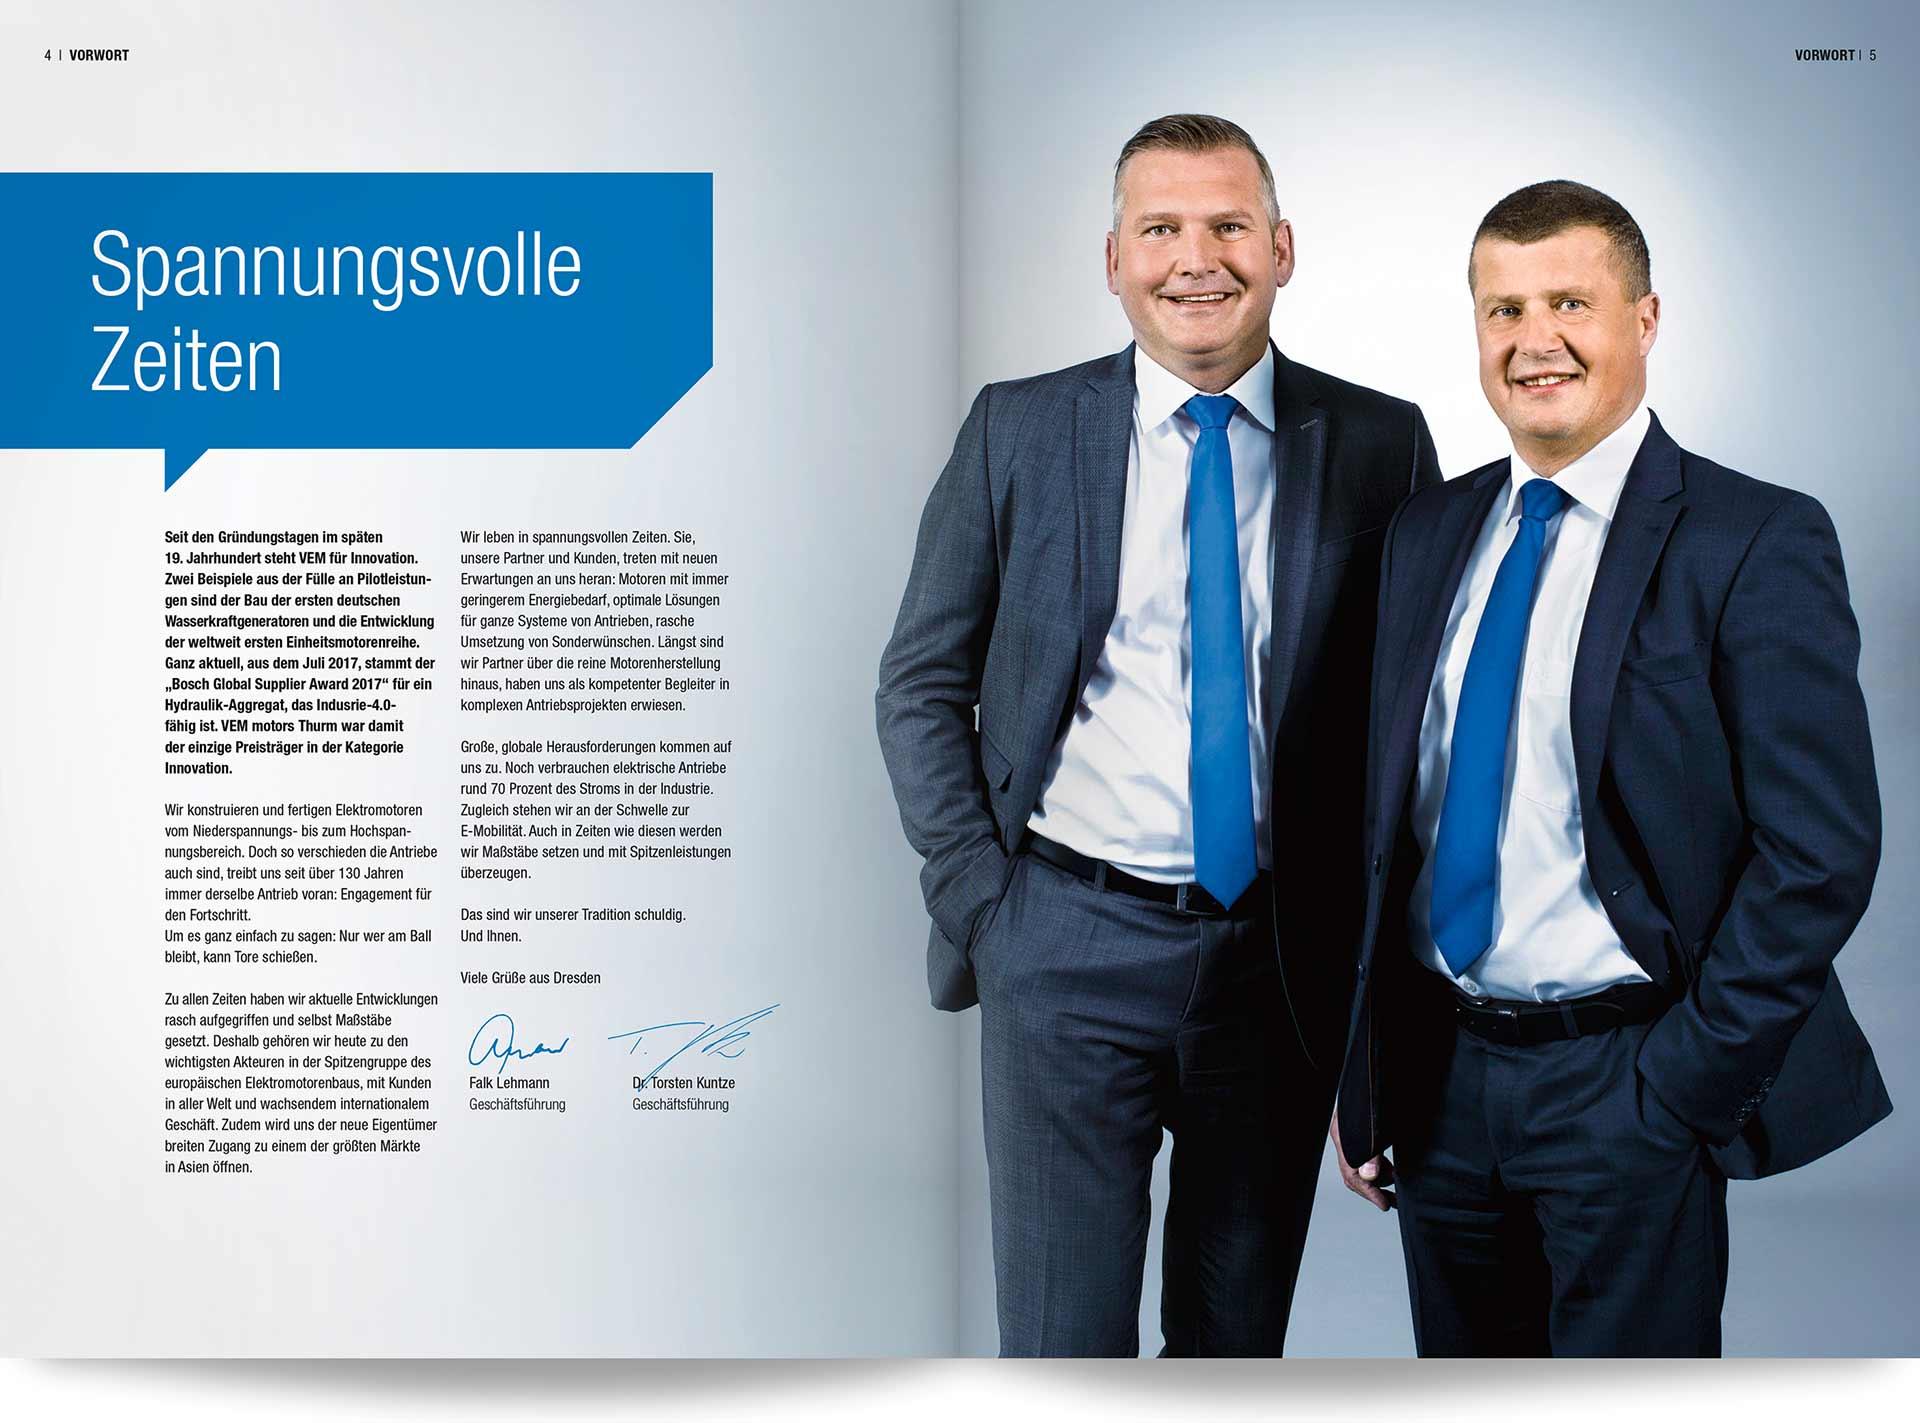 VEM Imagebroschüre Vorwort der Geshcäftsführer Herr Lehmann und Dr. Kuntze